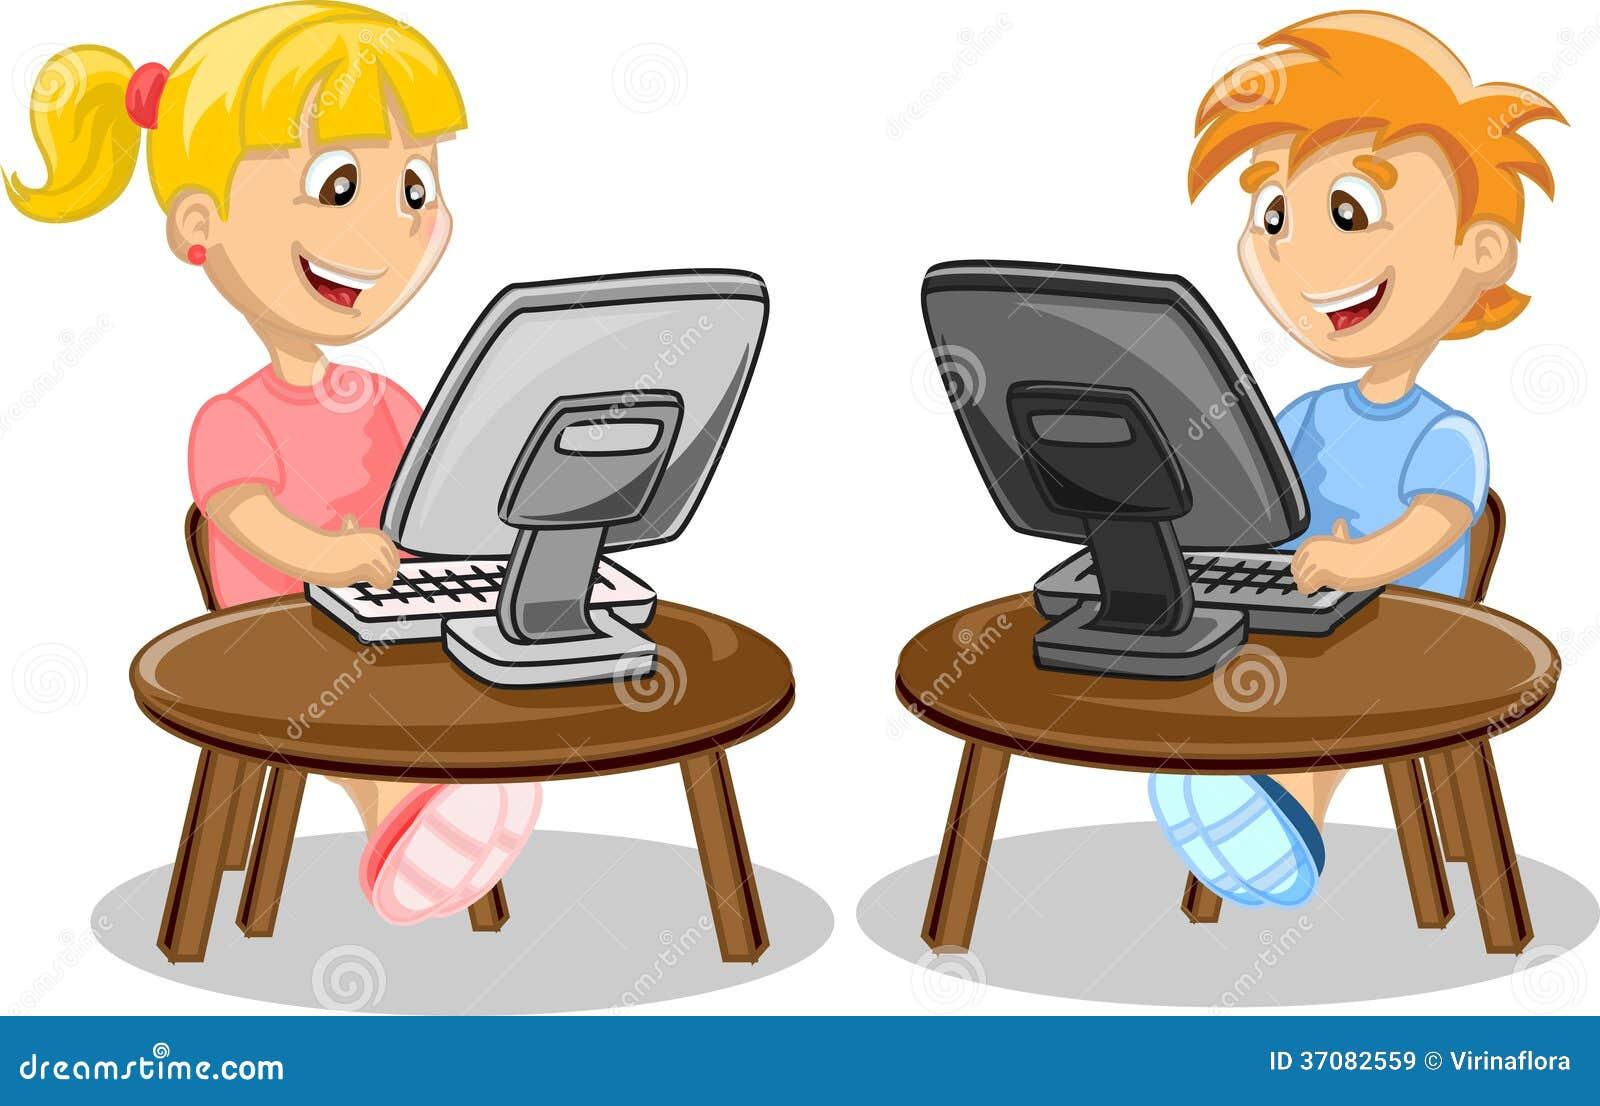 Resultado de imagem para desenhos de crianças no computadores